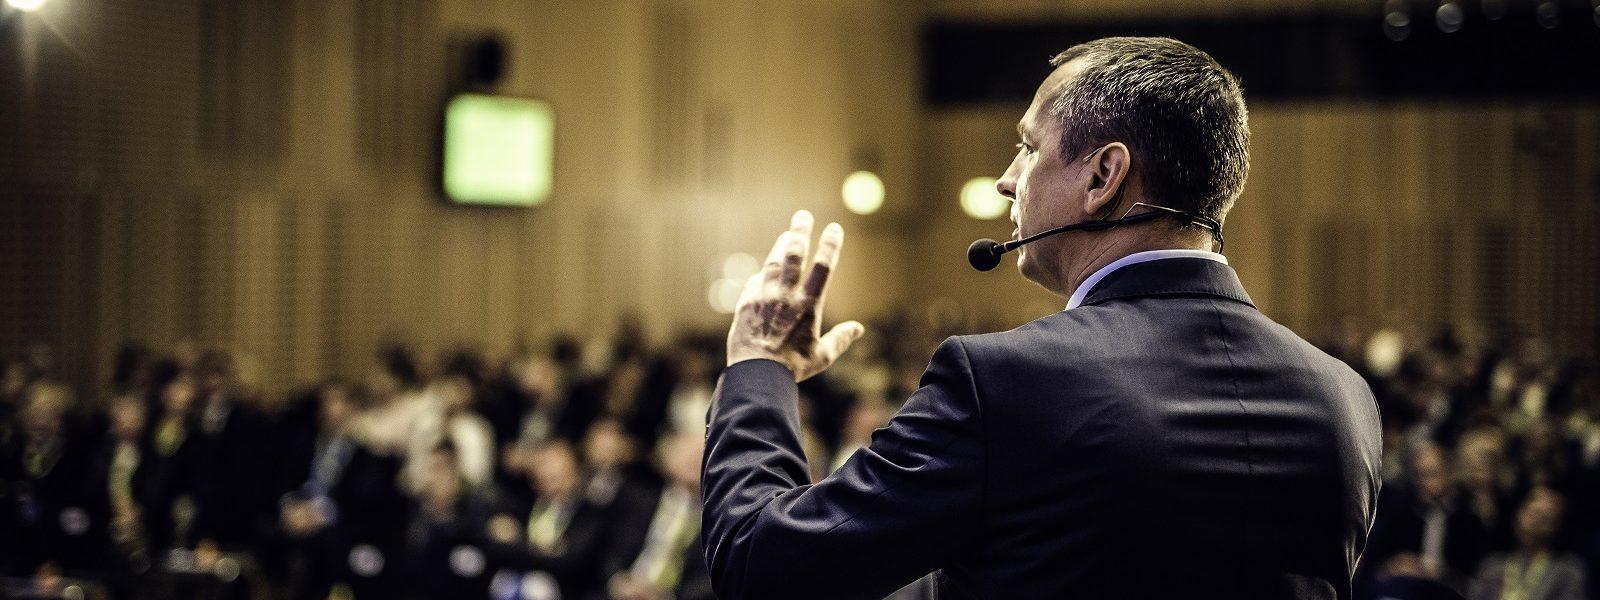 Back of a speaker